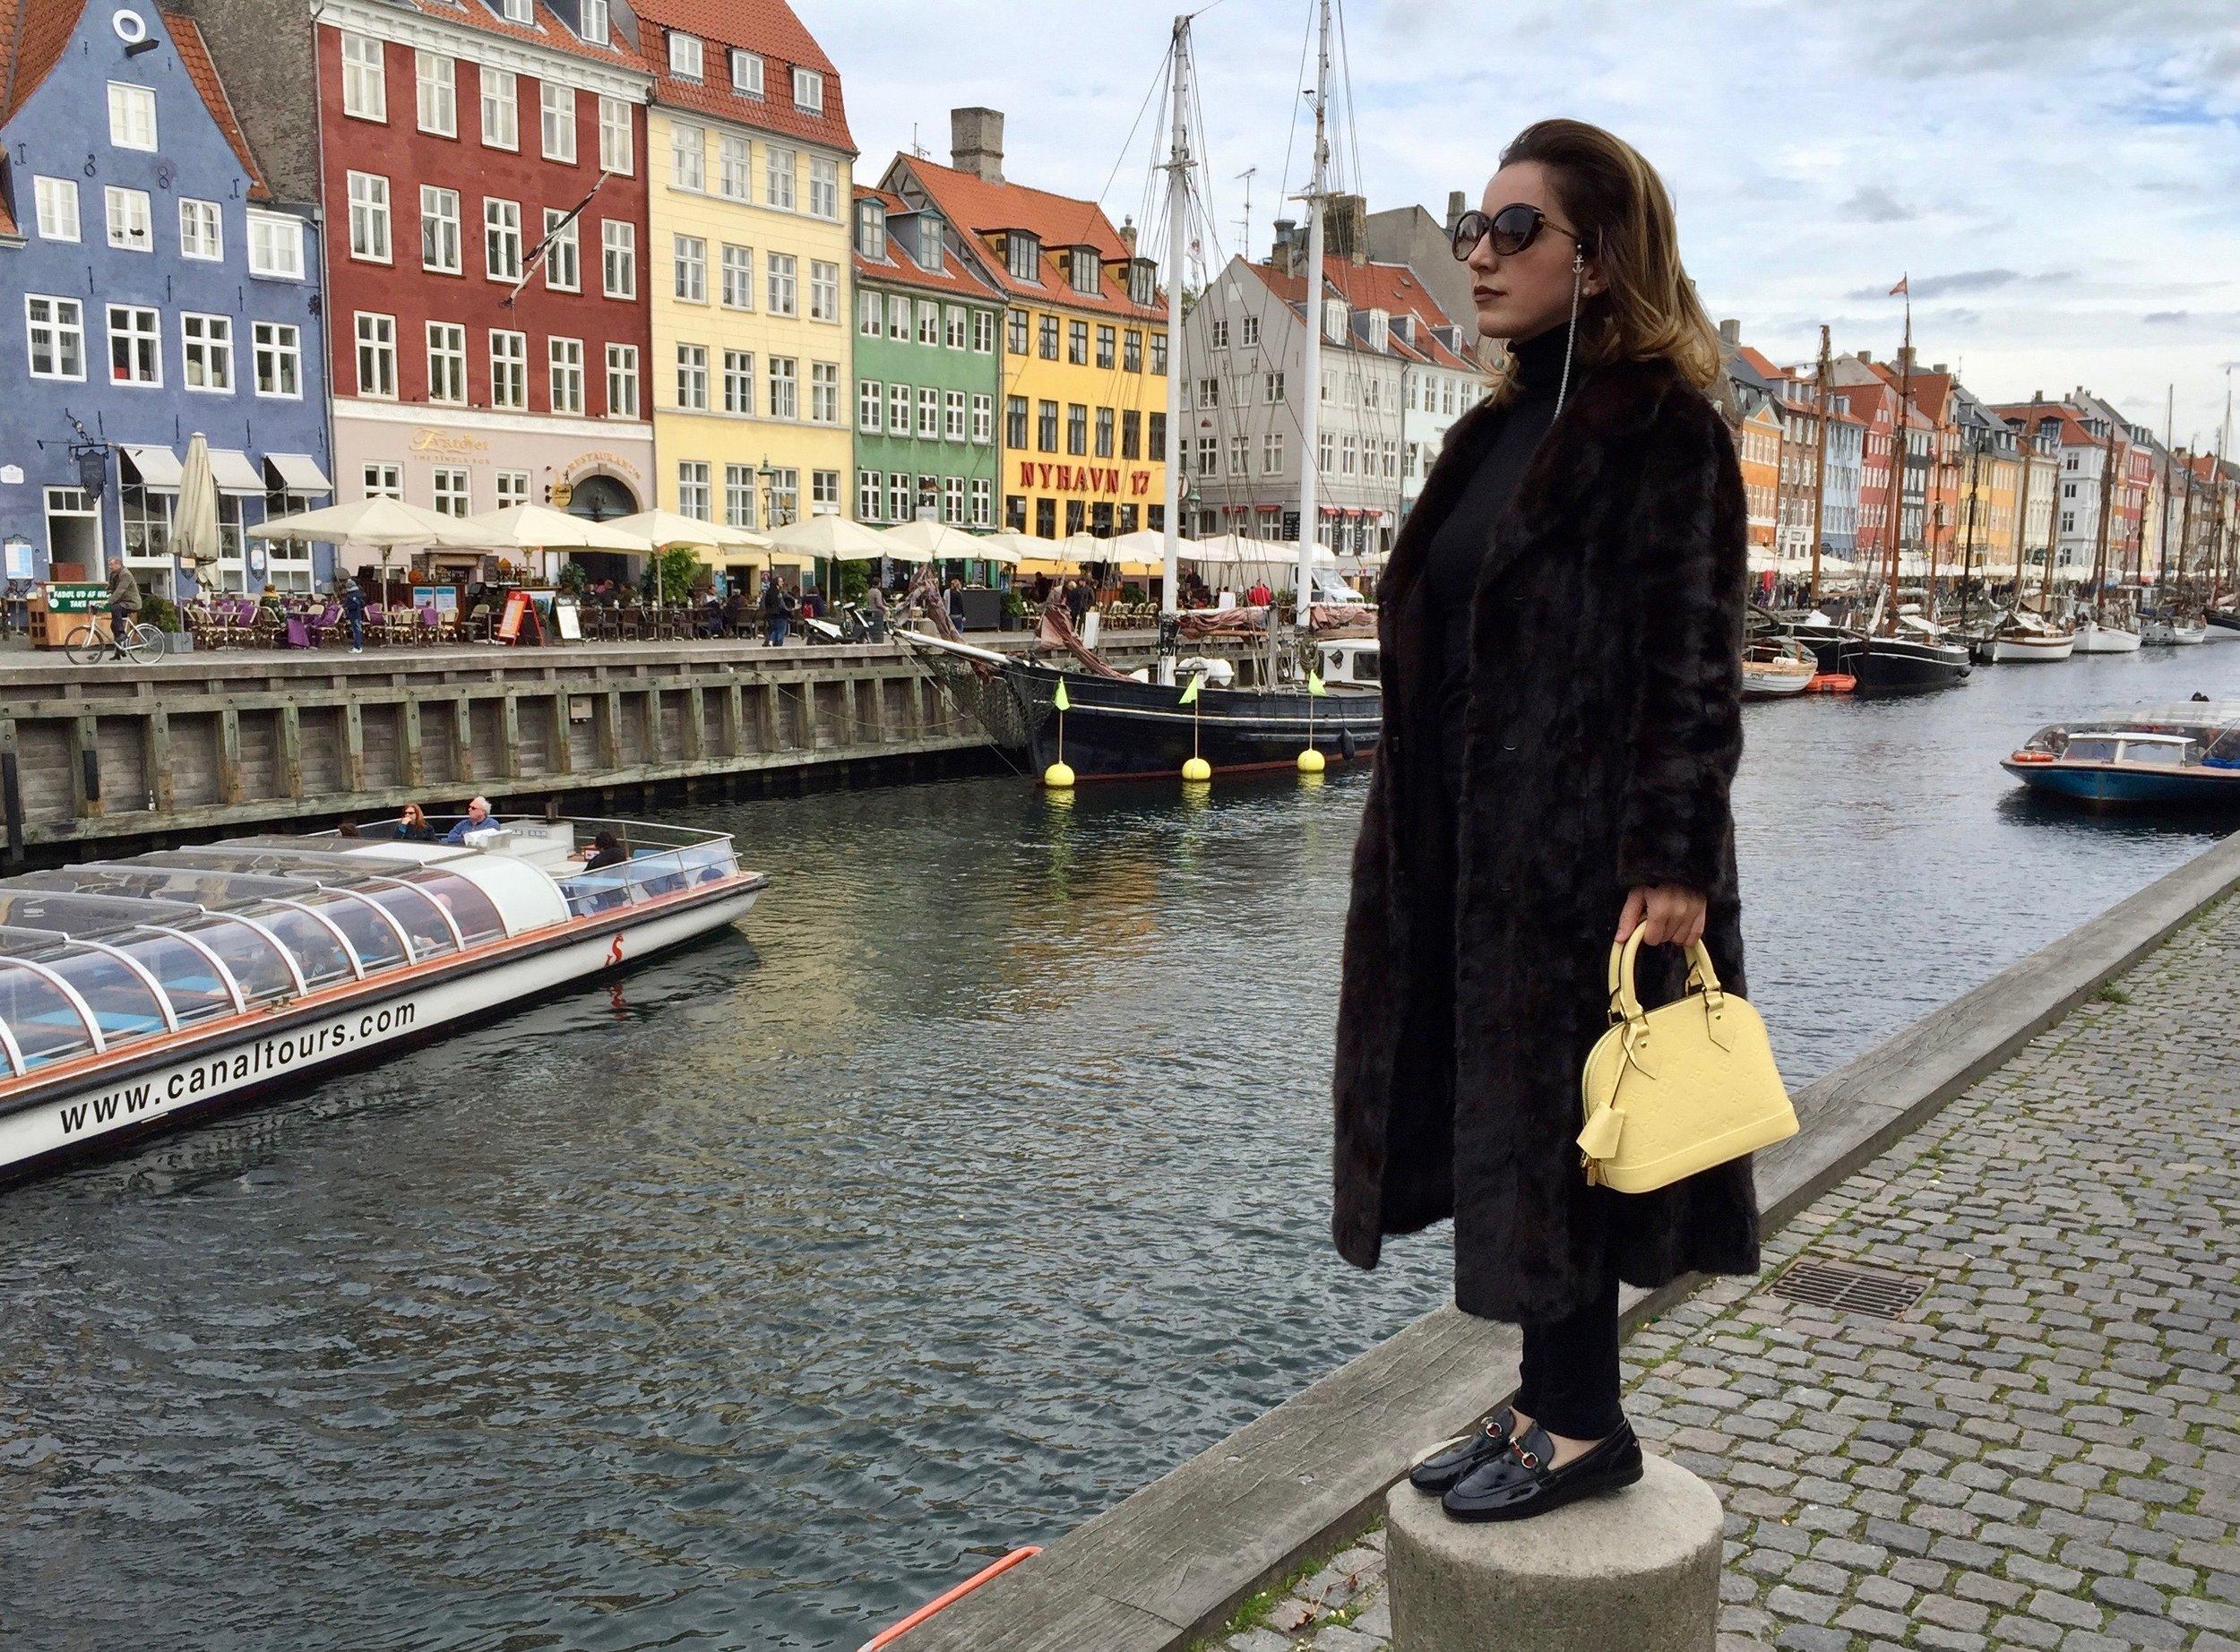 NYHAVN • COPENHAGEN, DENMARK PHOTOGRAPHER: THOMAS